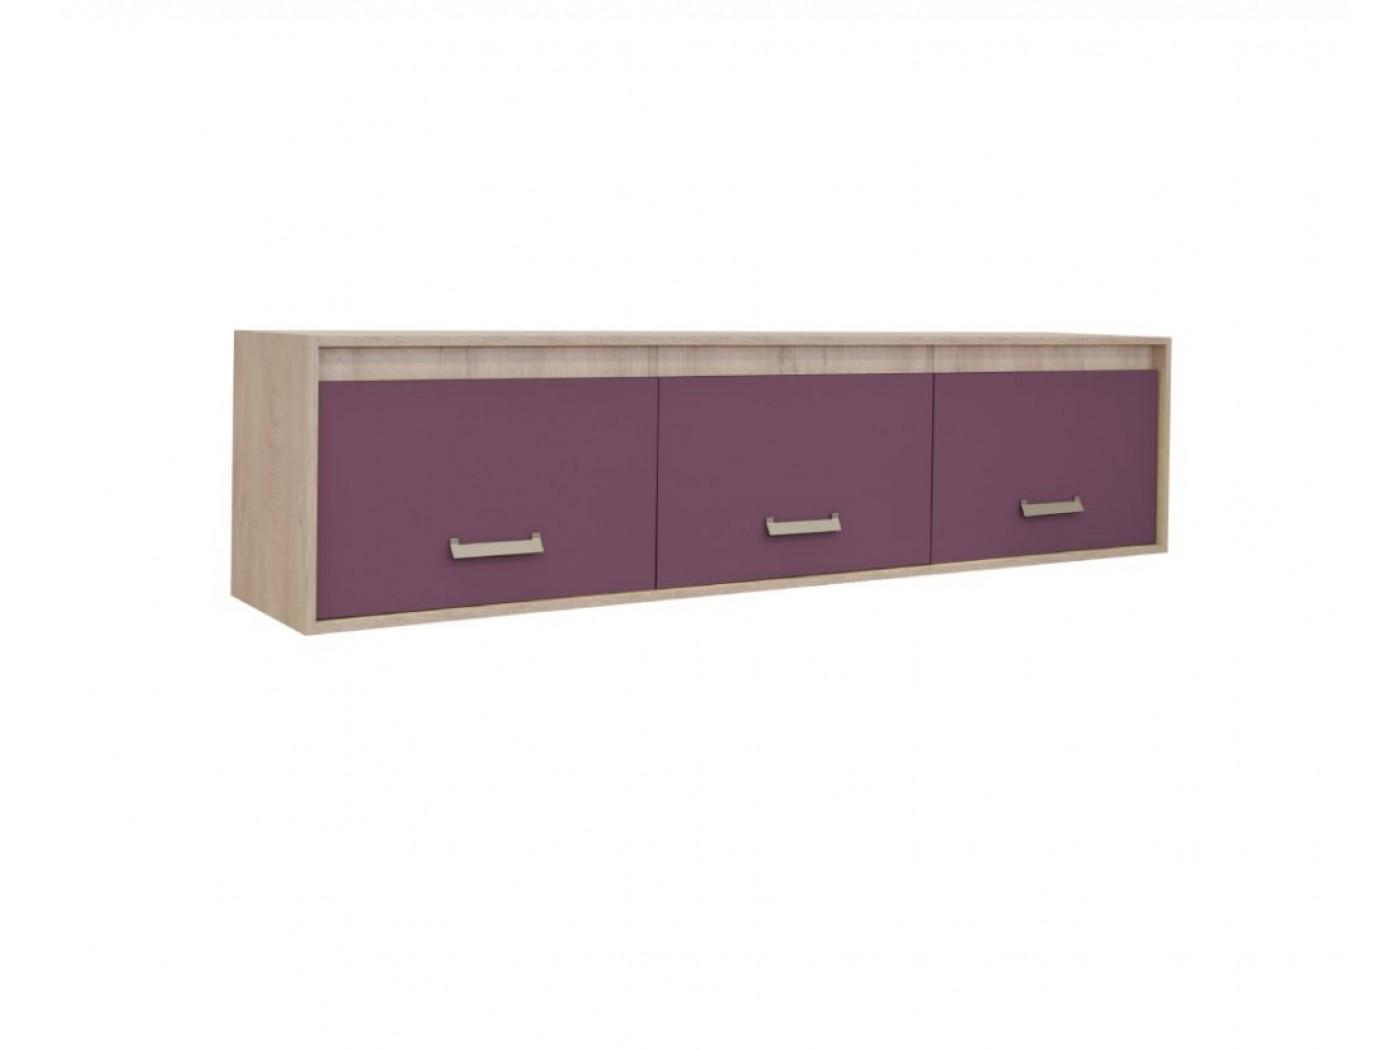 hrast - violet